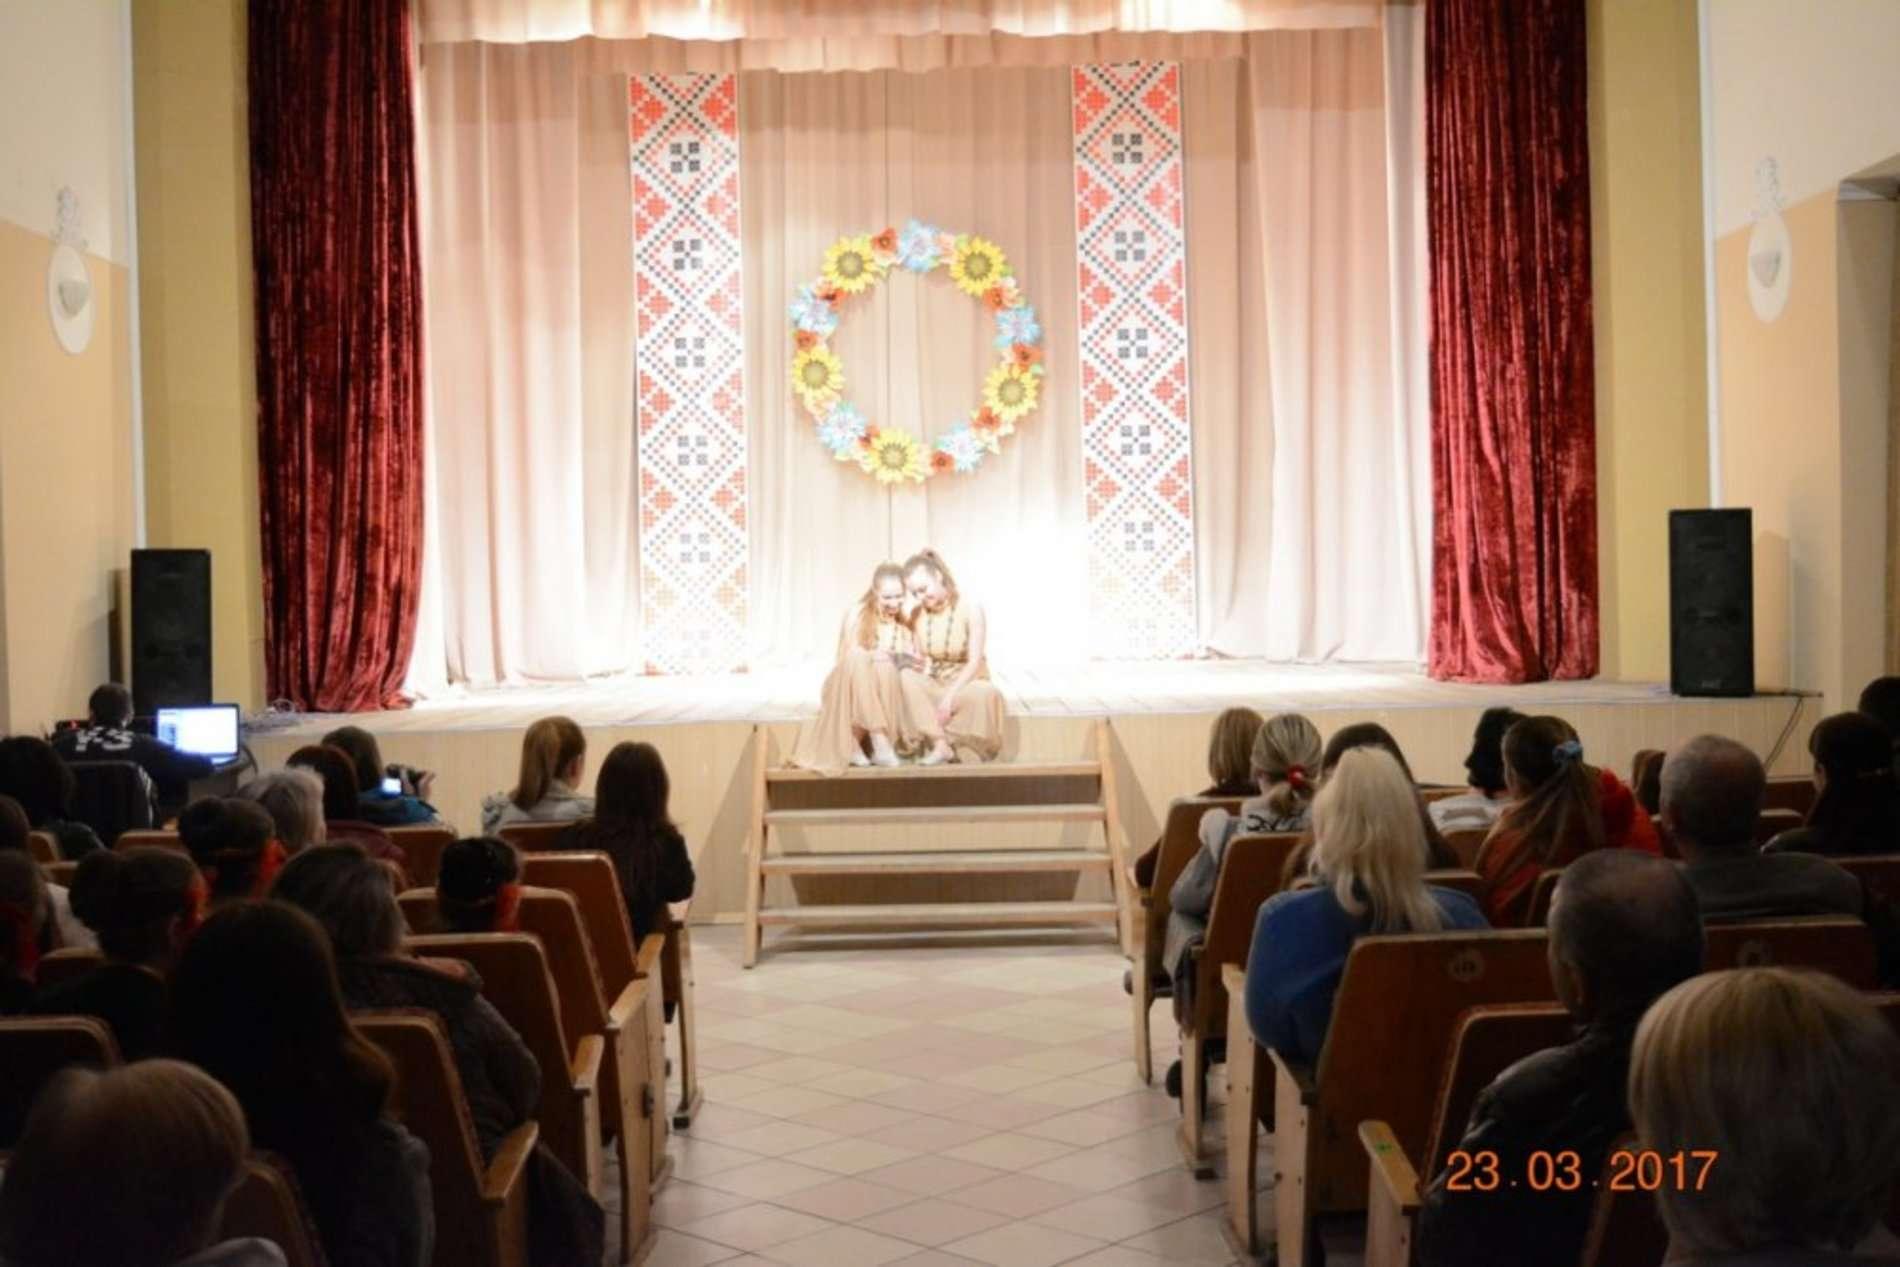 Колективи БК Роша виступили на великому звітному концерті у Чернівцях